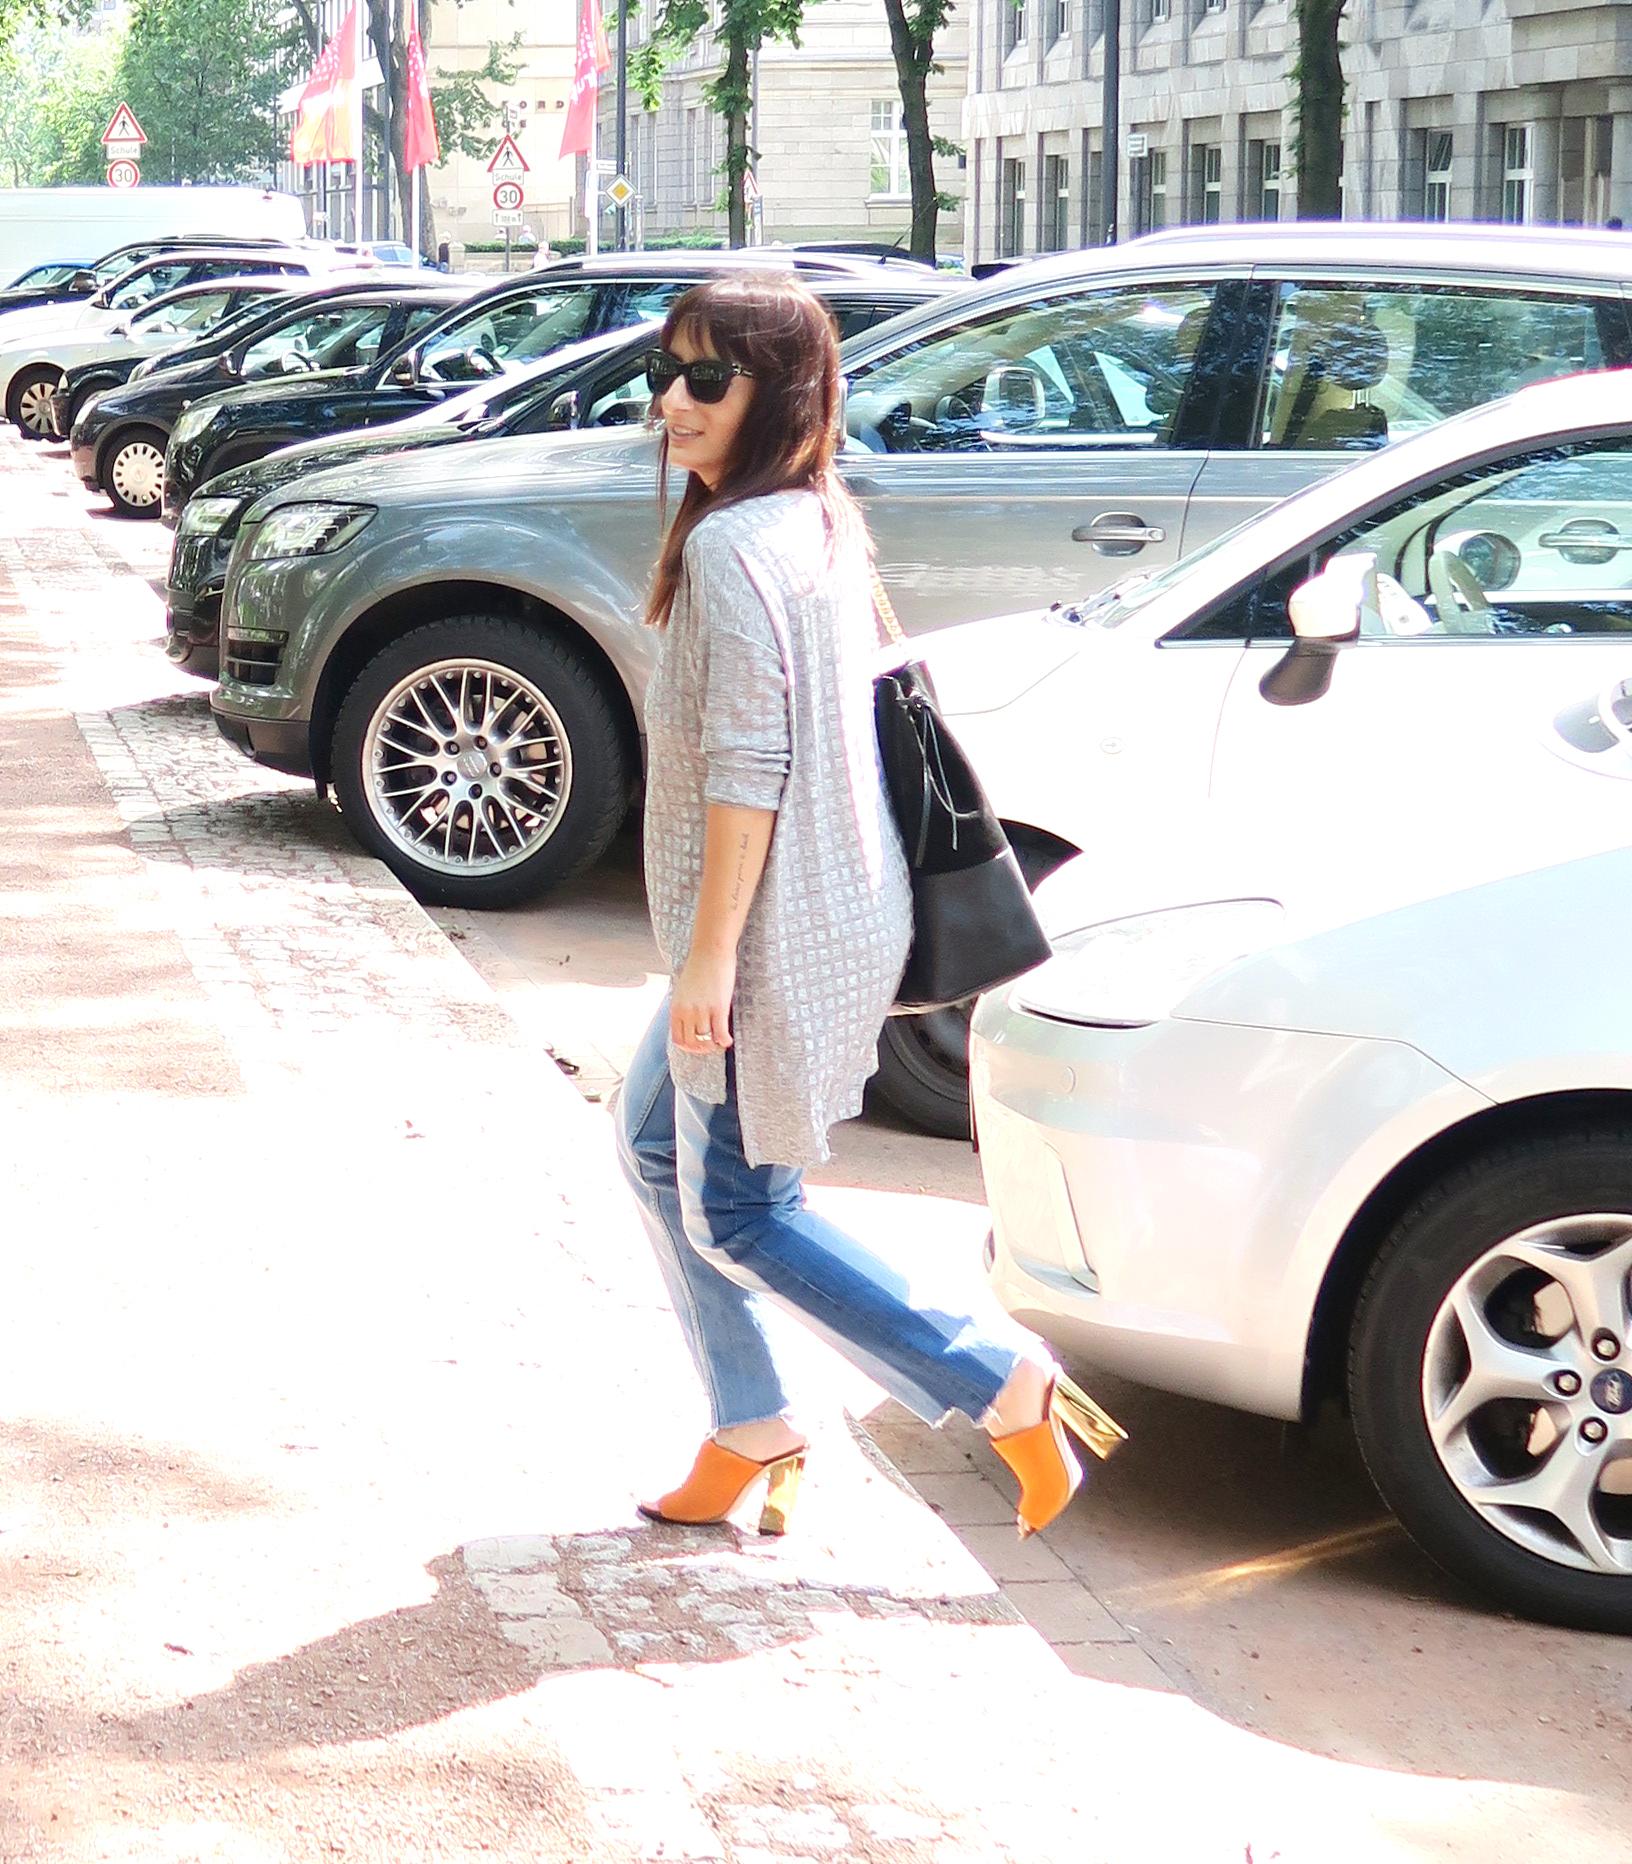 Streetstyle-düsseldorf-paris-blogger-fashionweek-mode-style-mules-trend-modesalat-4